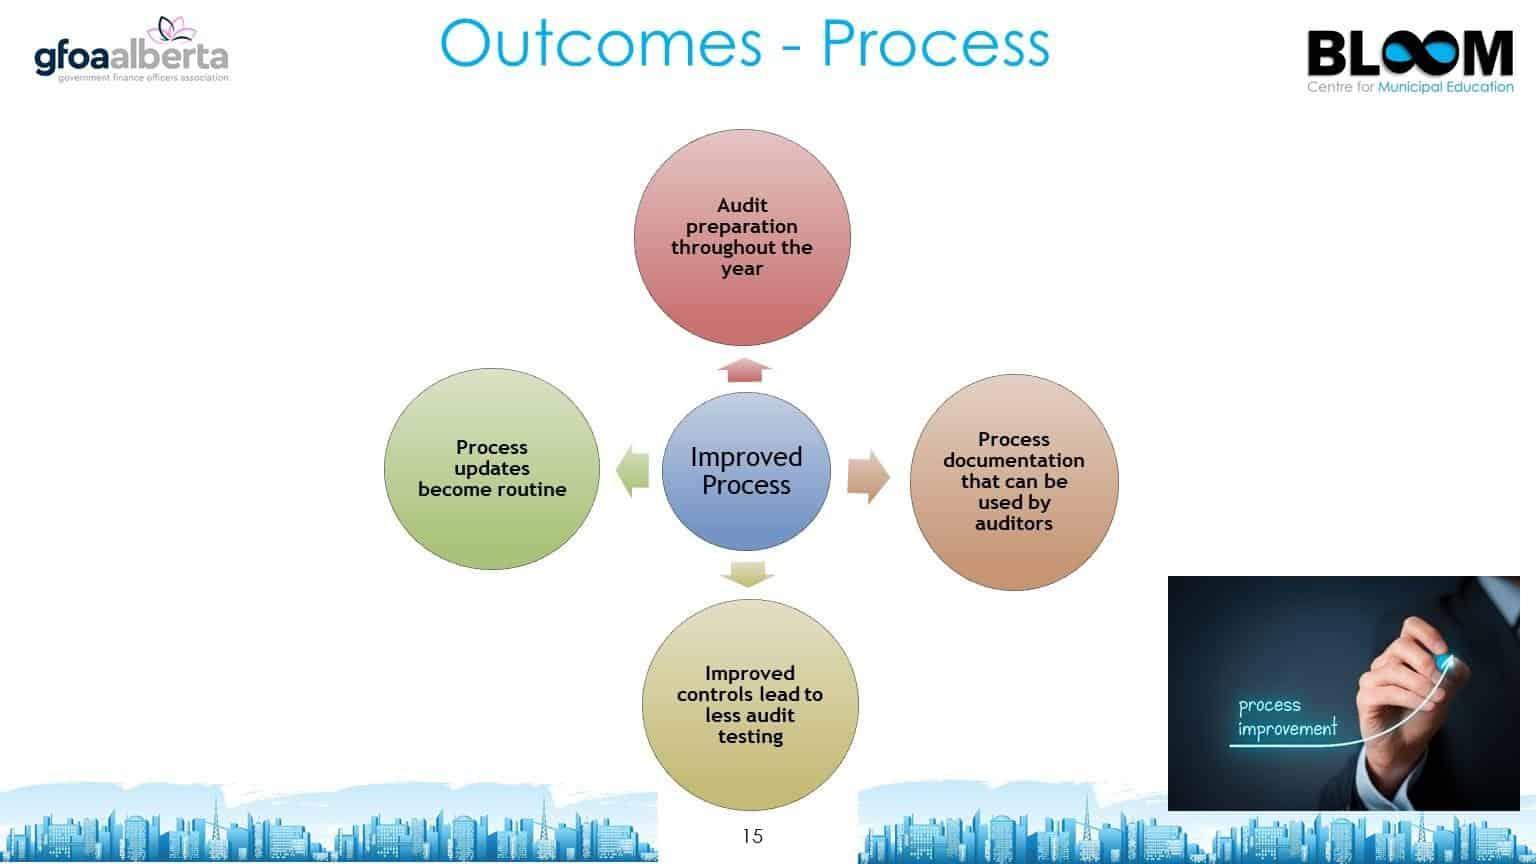 Outcomes - Process